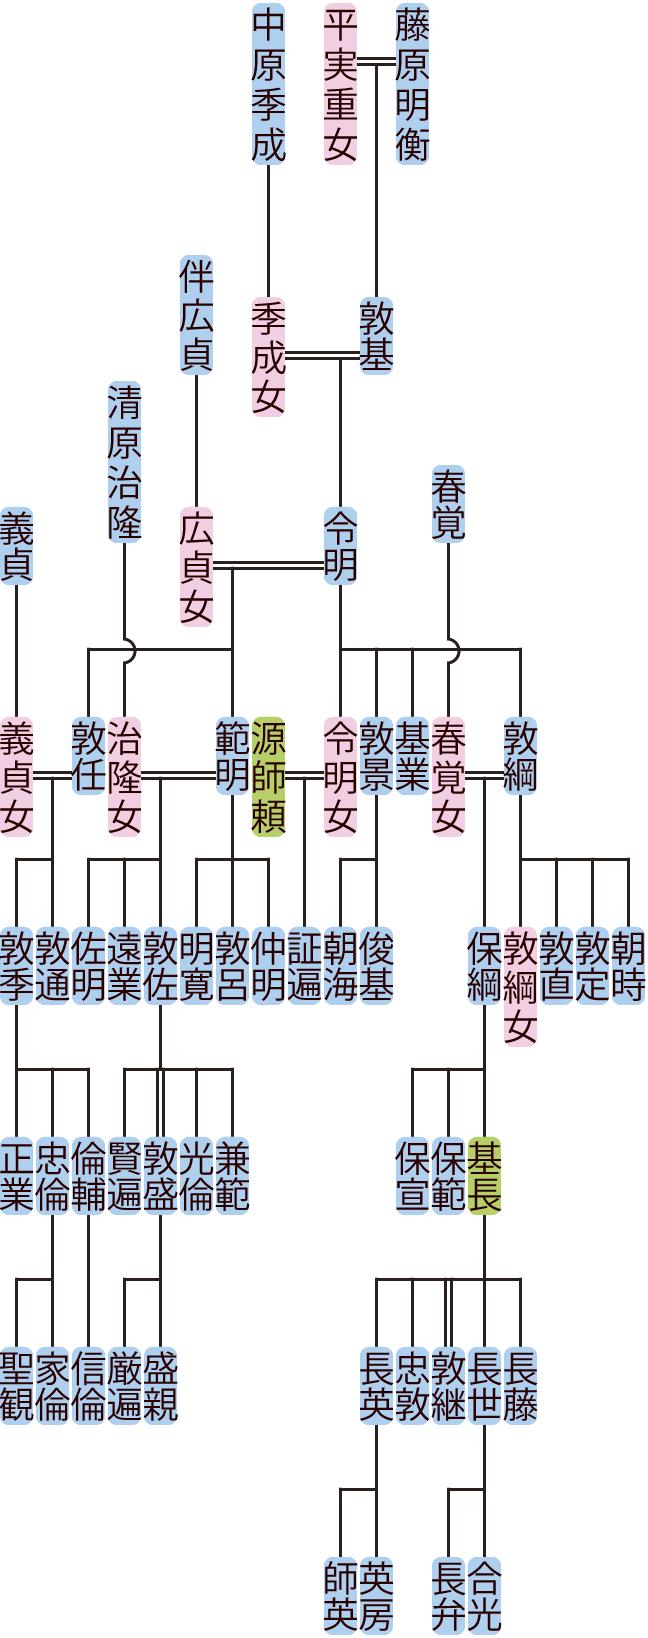 藤原令明の系図